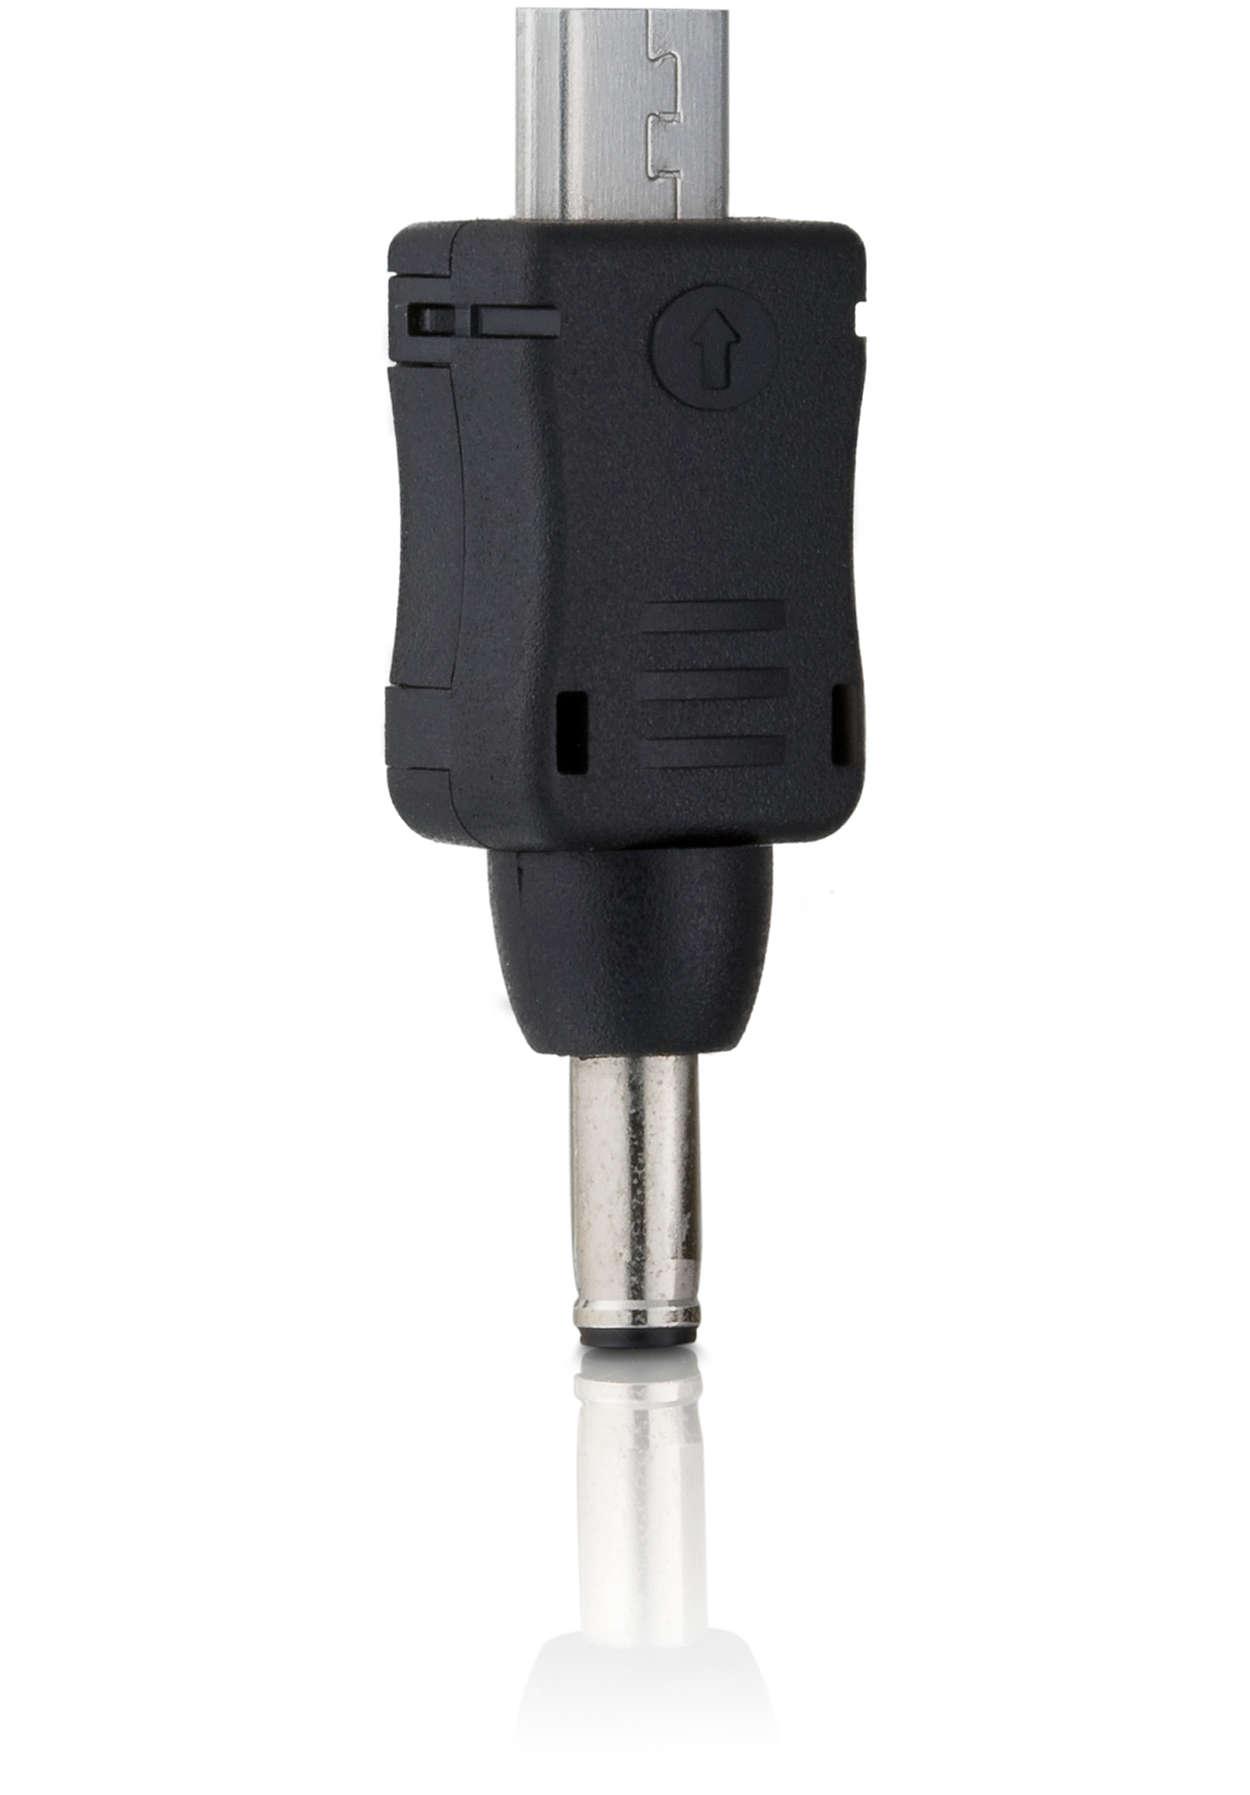 Aansluitplug voor telefoons met een micro USB-aansluiting